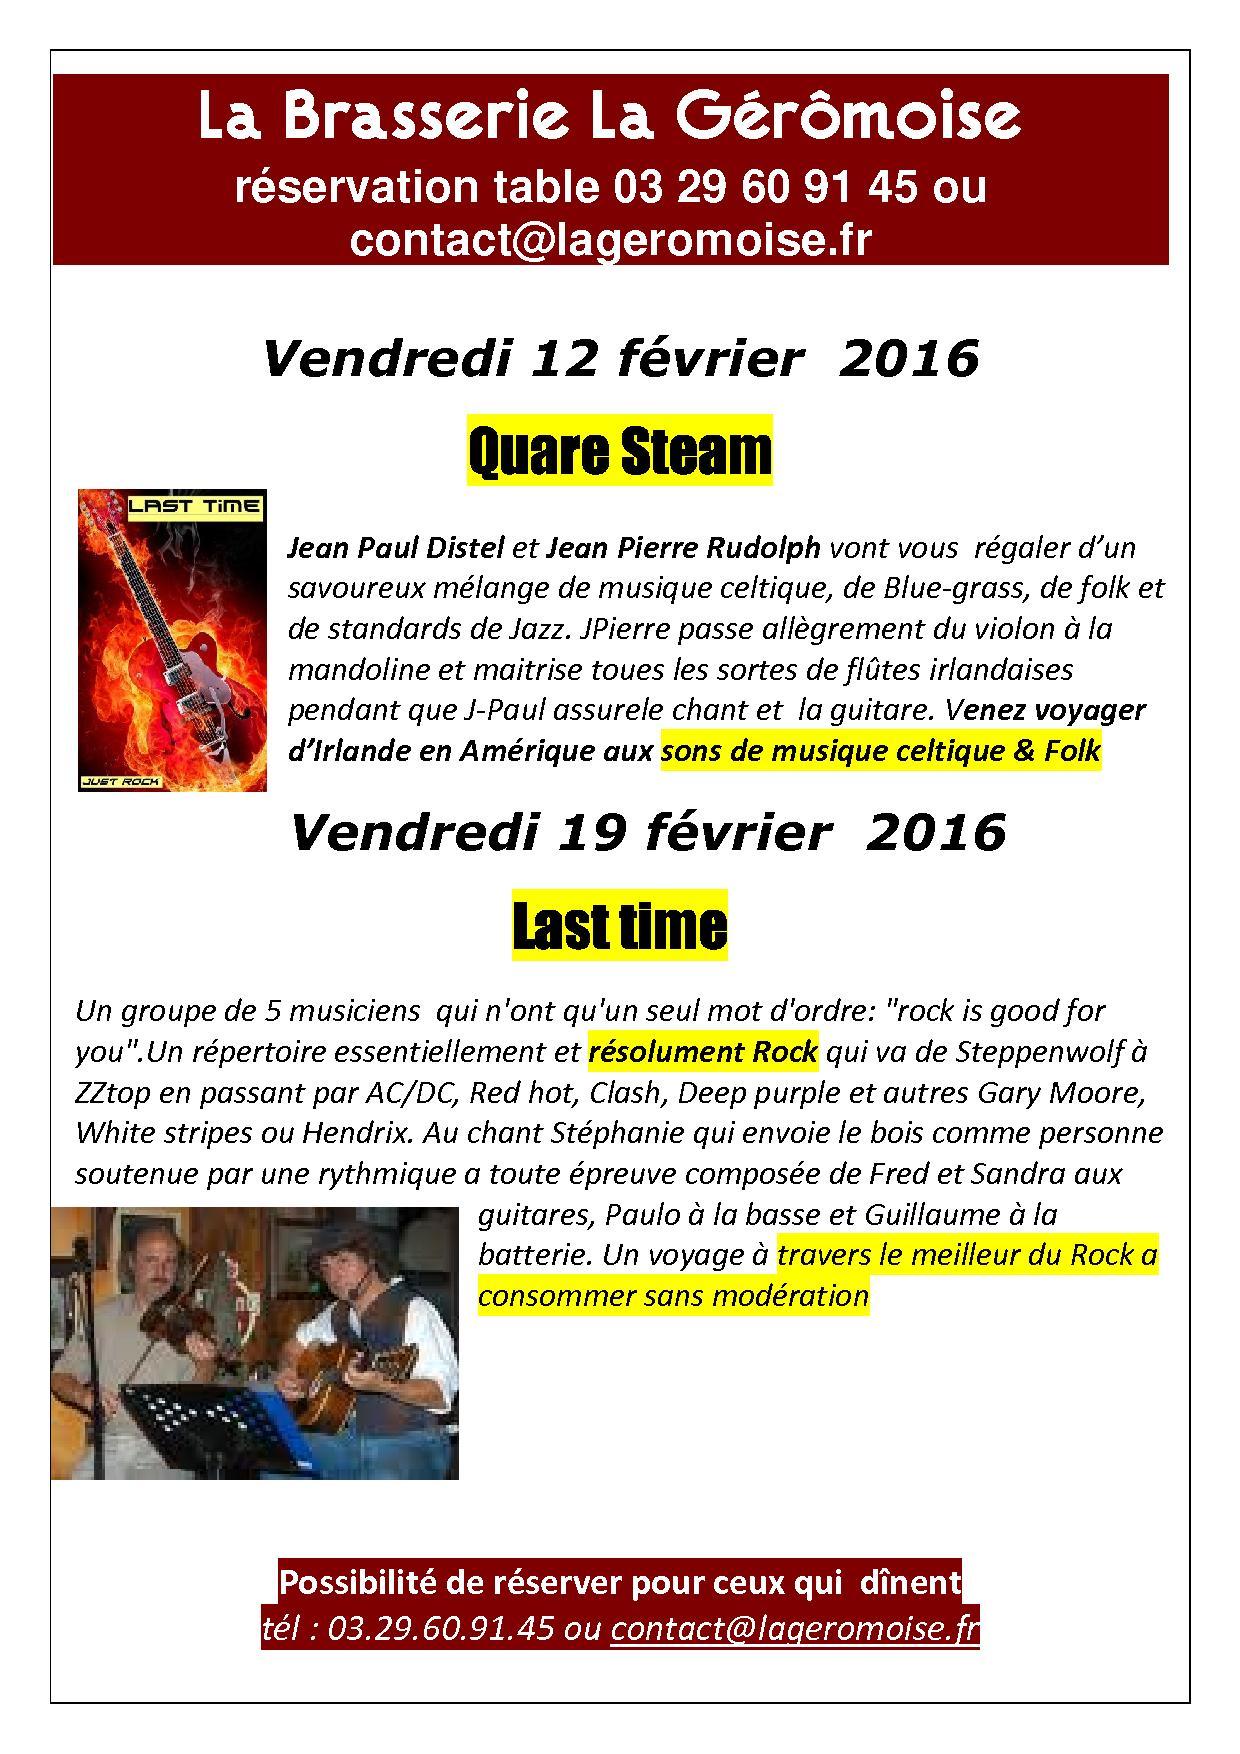 concerts-fev-2016-quare-steam-last-time.jpg